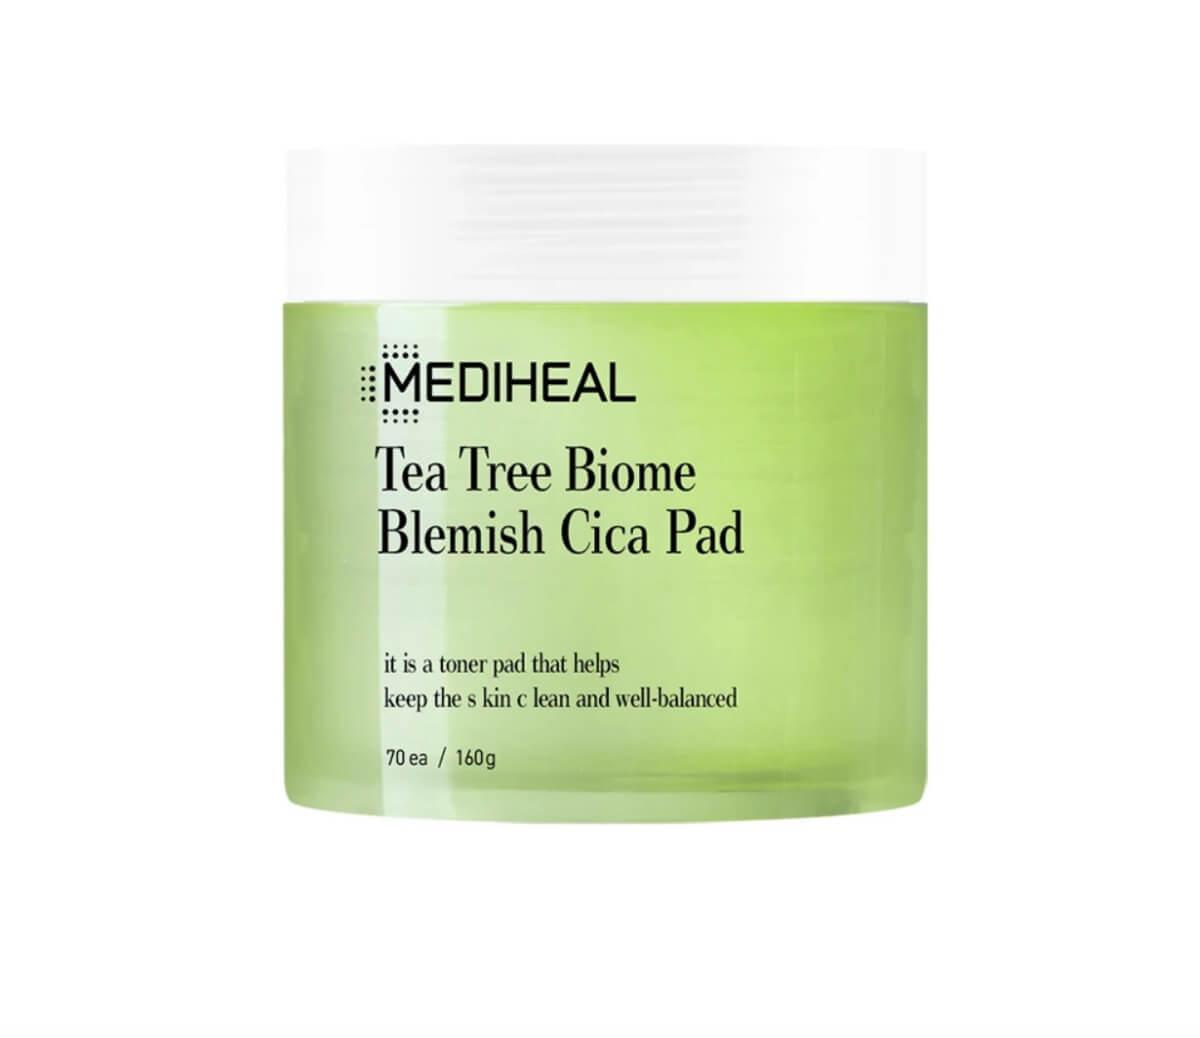 mediheal tea tree biome blemish cica pad